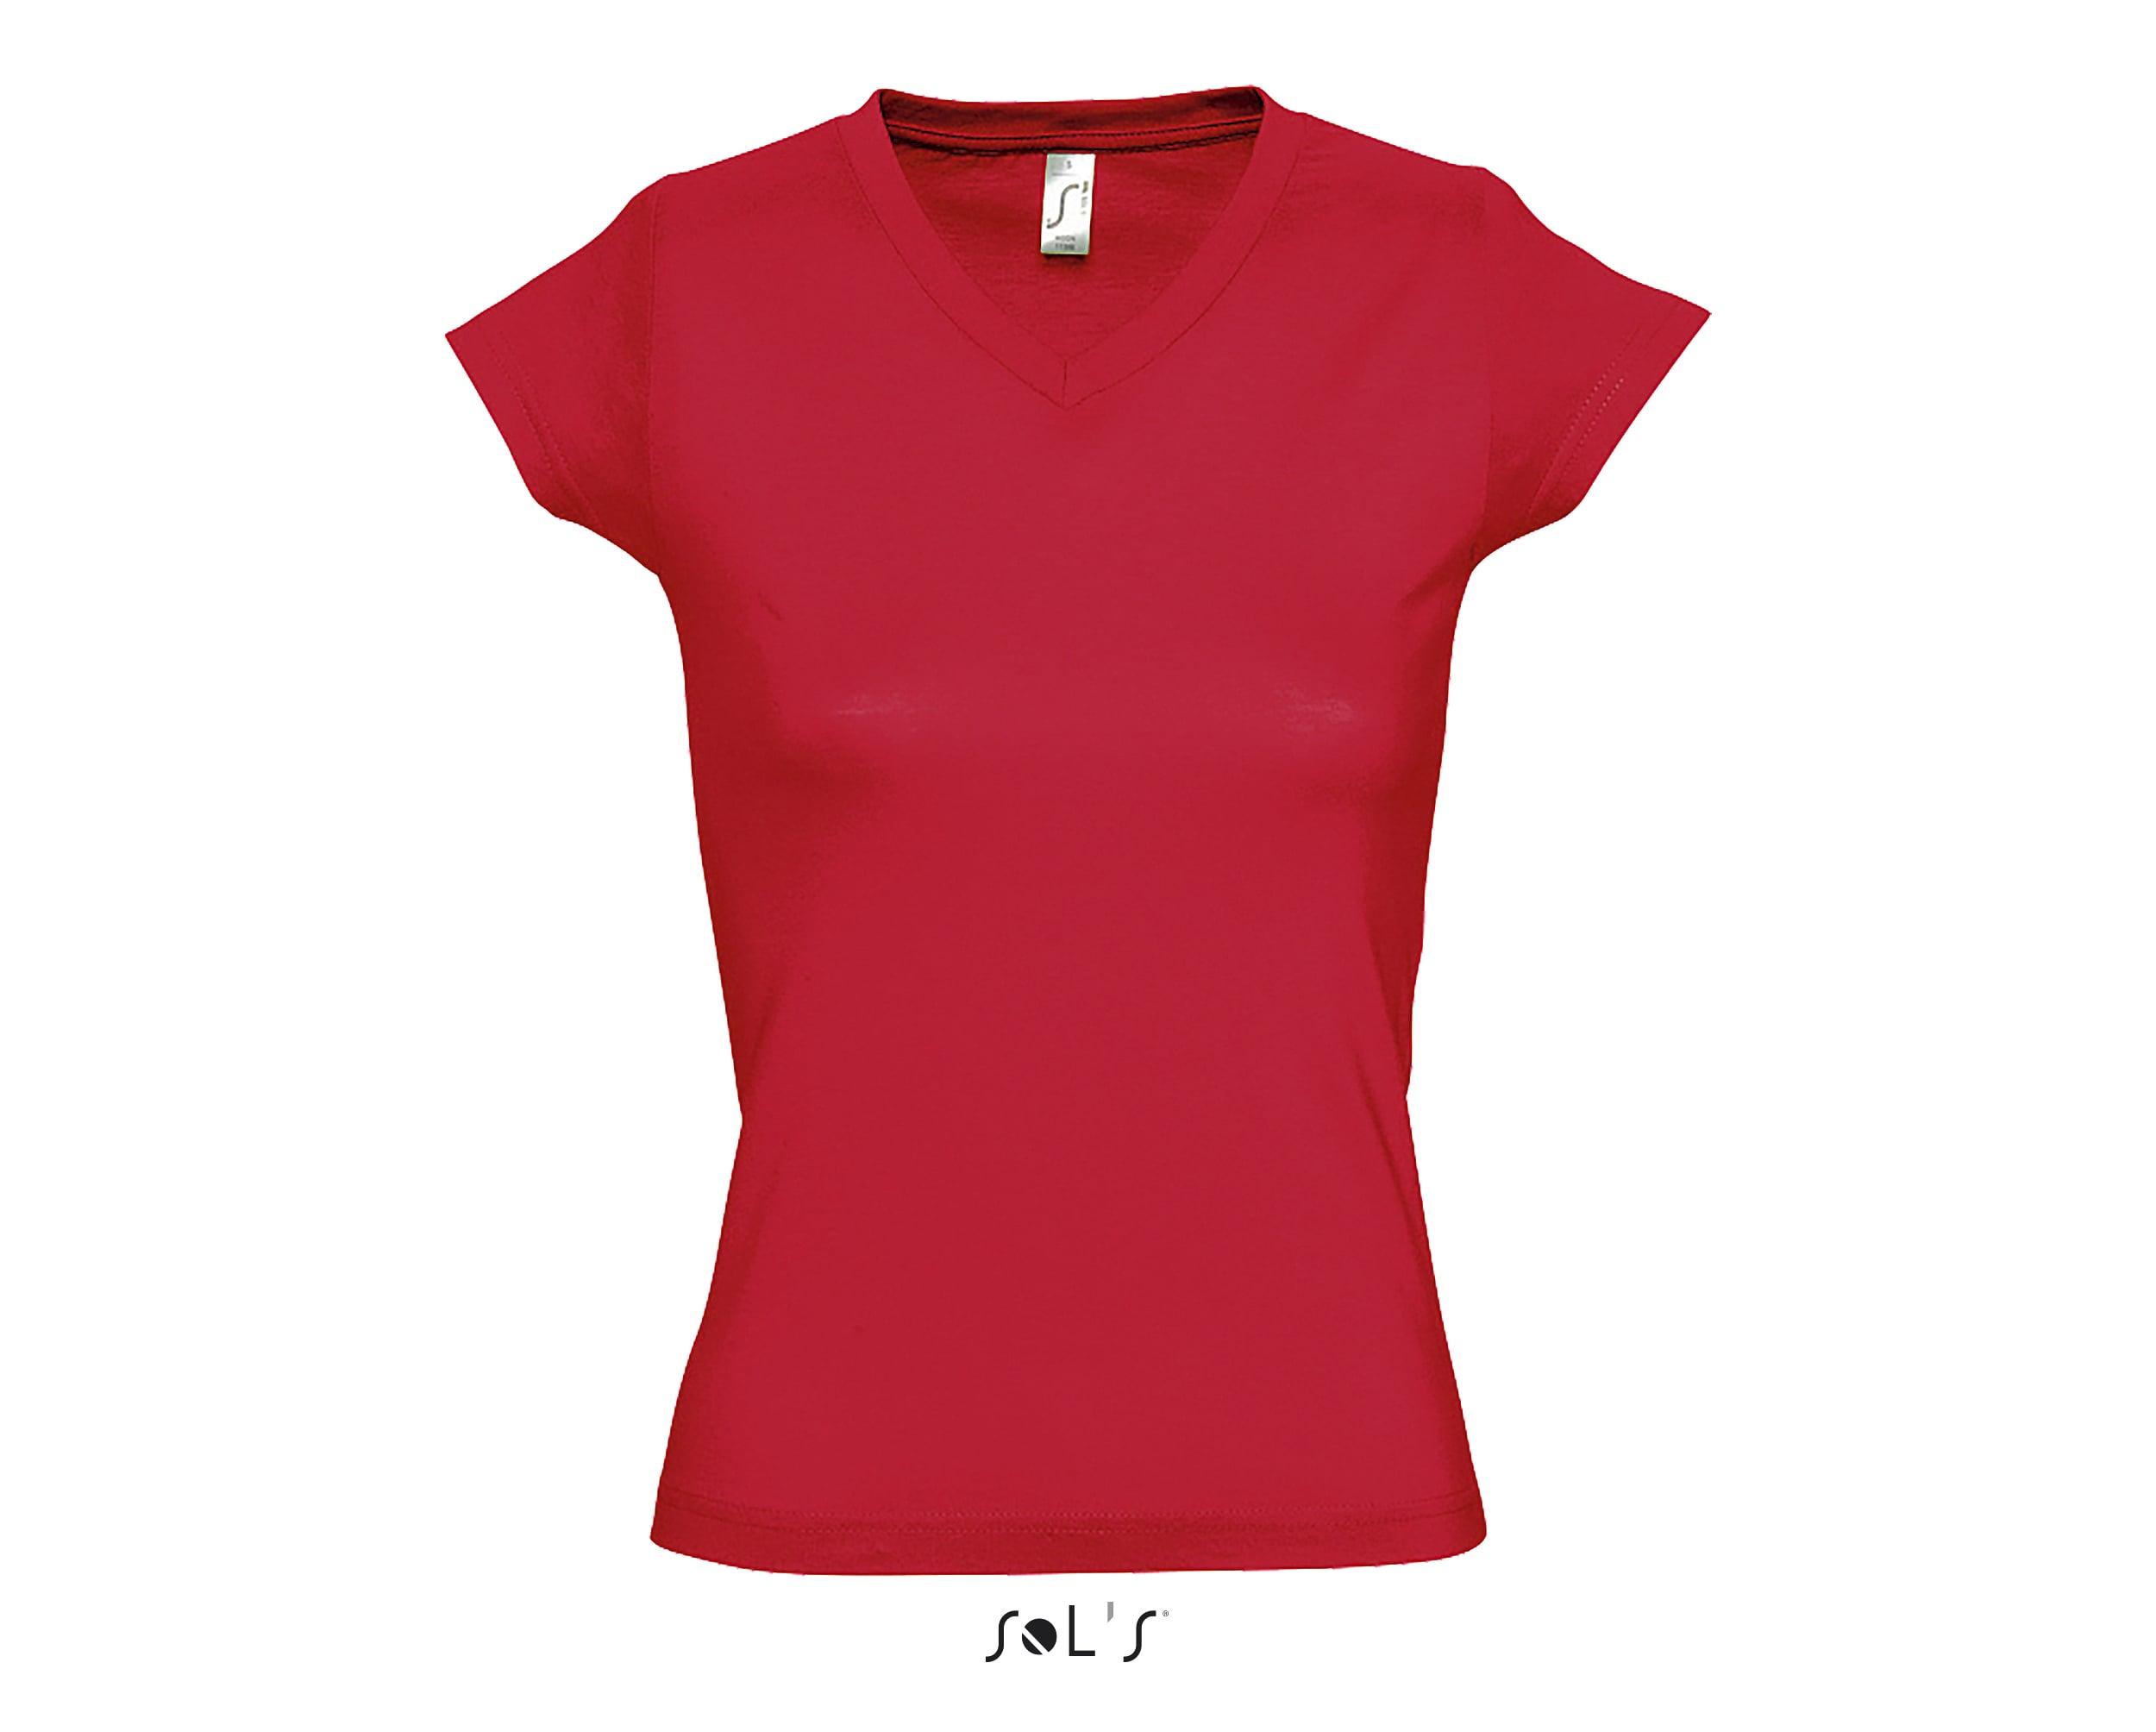 Personnalisé enterrement vie jeune fille femmes t-shirts et gilets-mariage-rose personnalisé imprimé